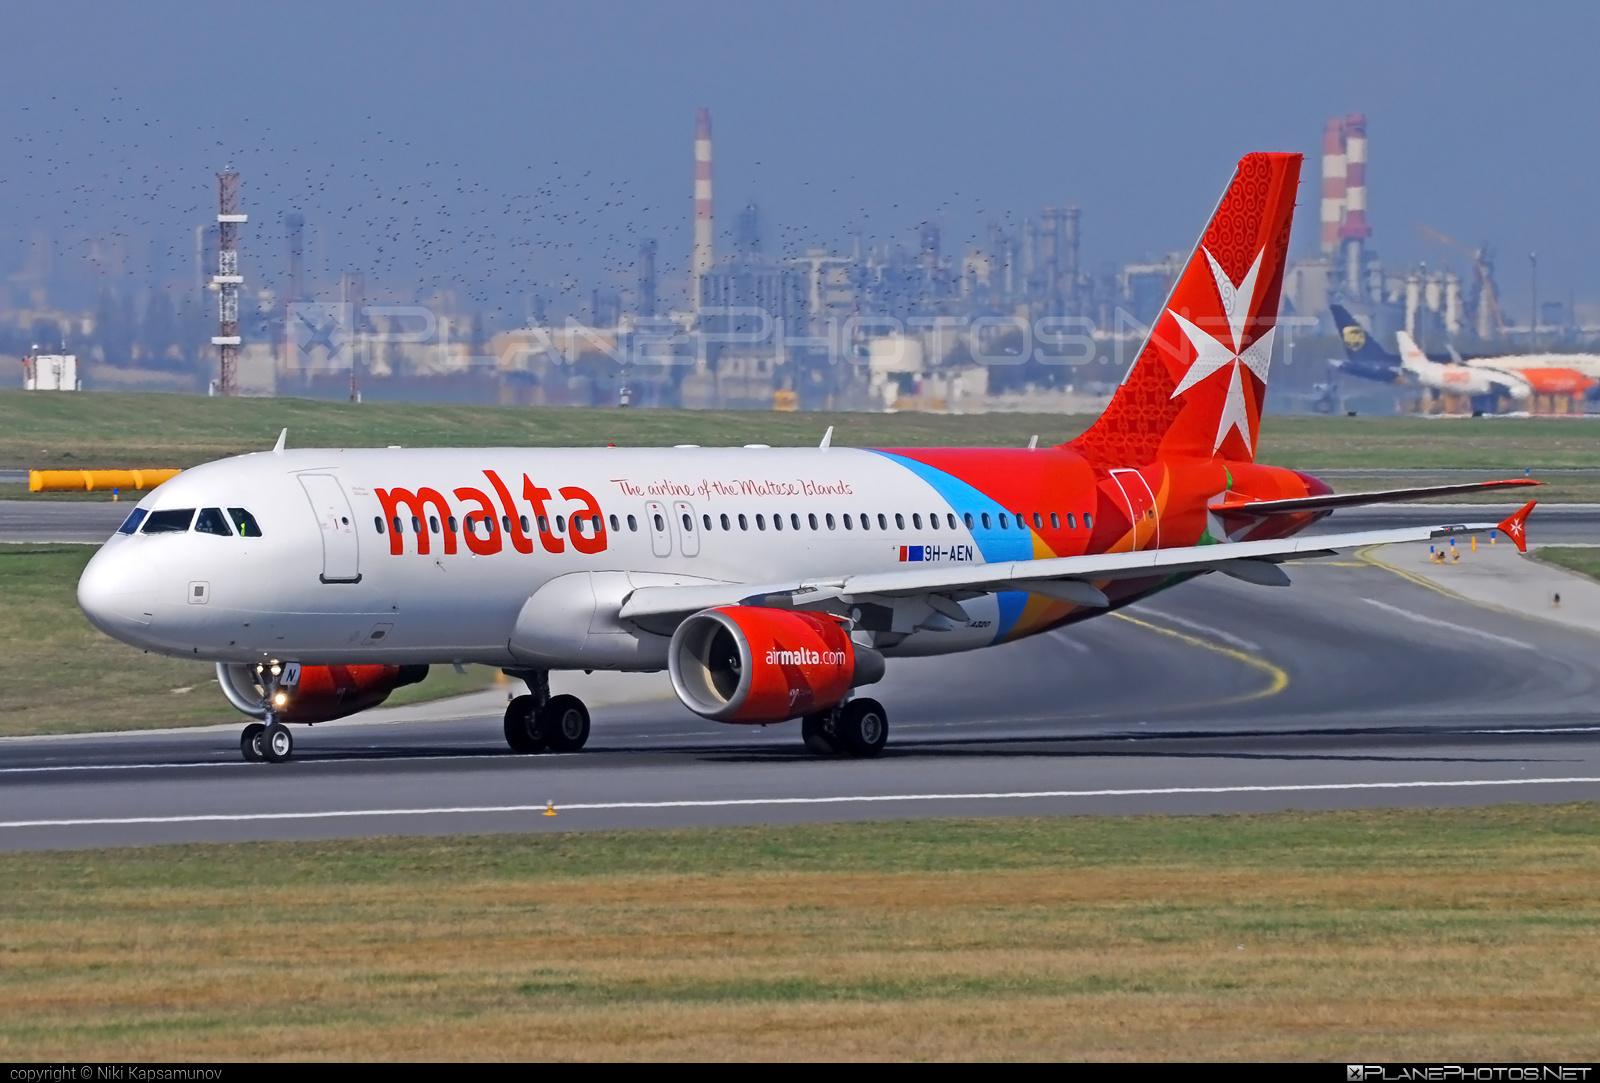 Airbus A320-214 - 9H-AEN operated by Air Malta #a320 #a320family #airbus #airbus320 #airmalta